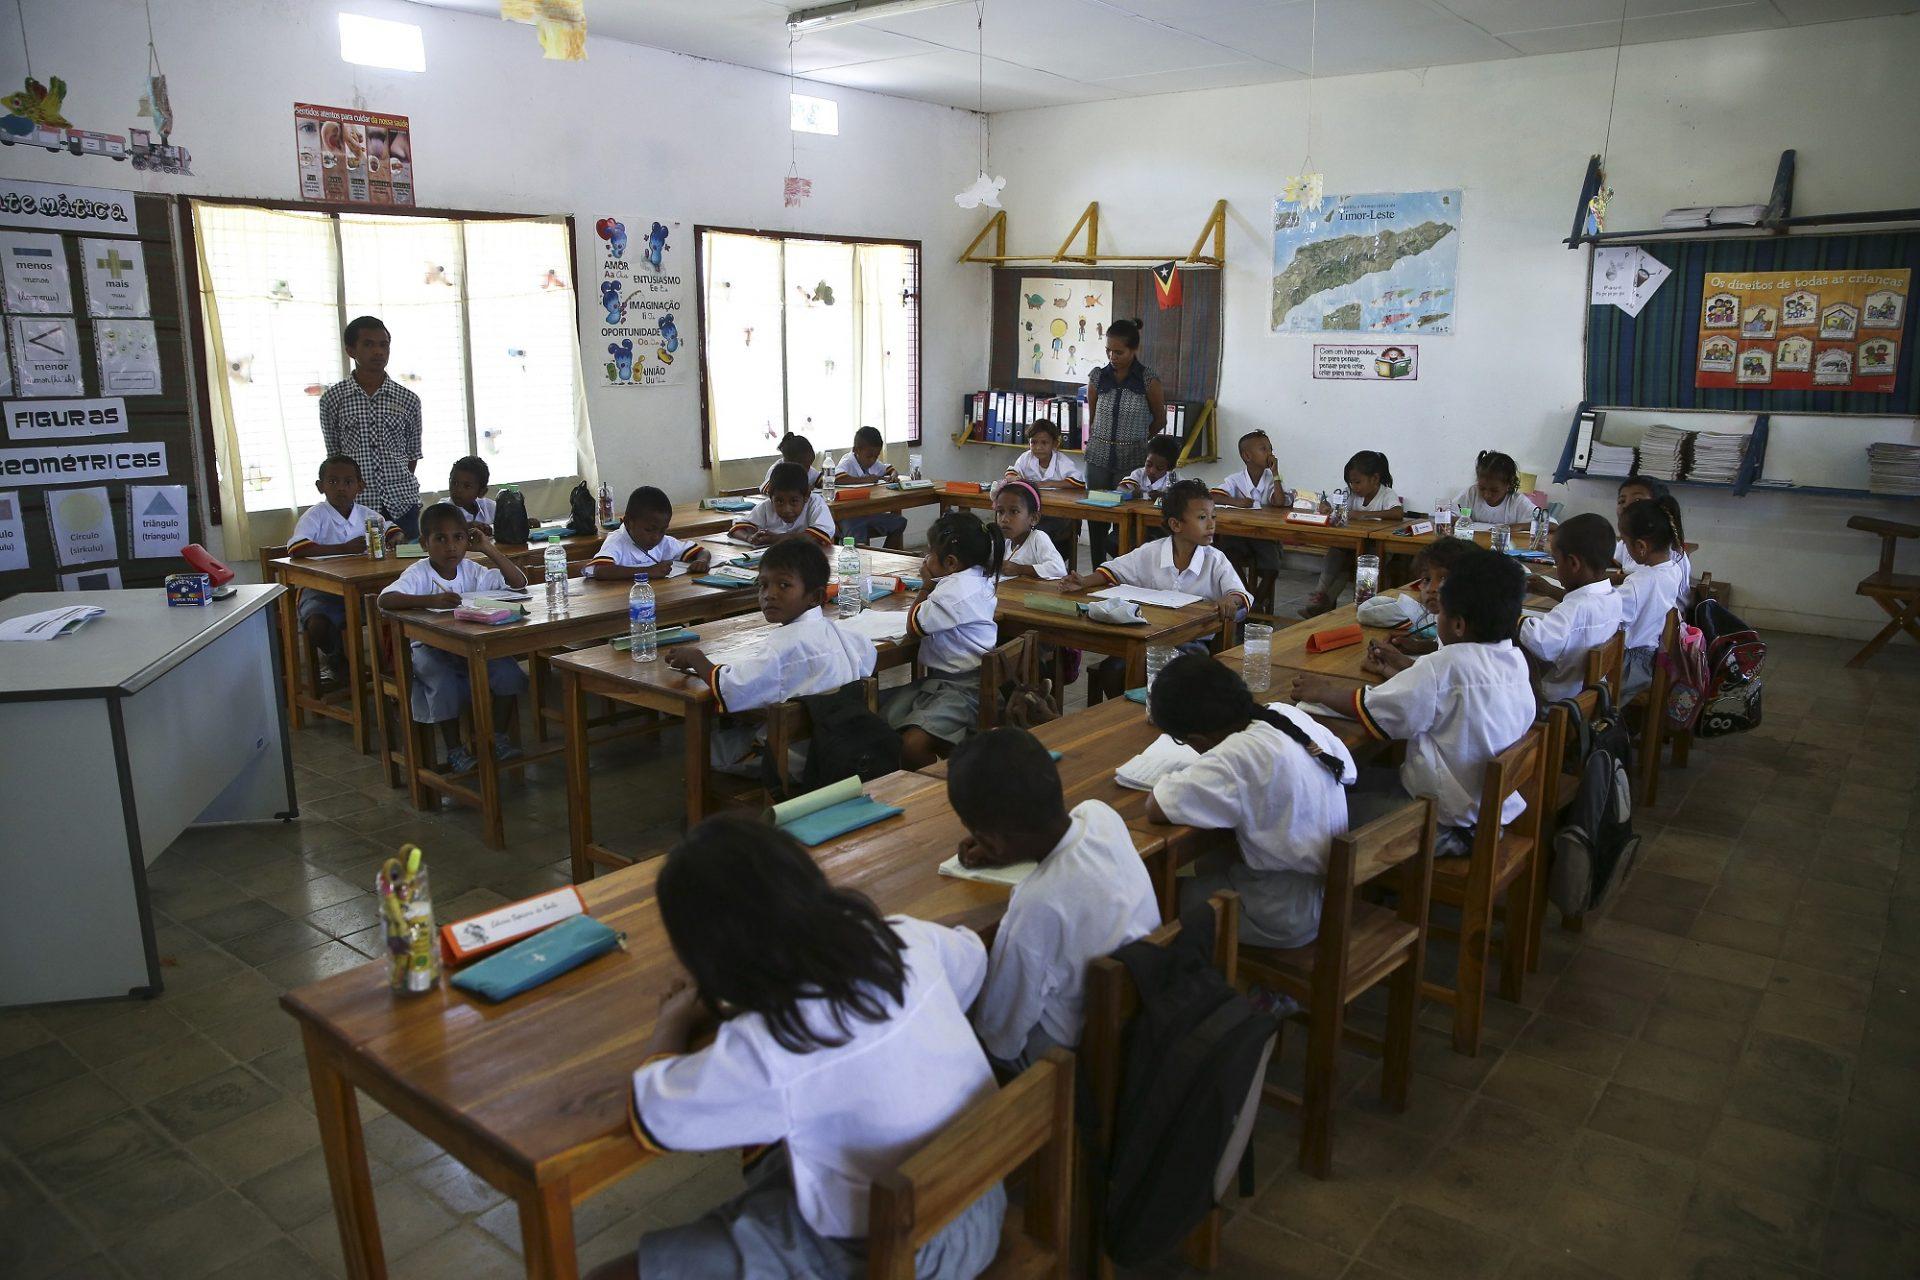 Escola de referência em Dili, Timor Leste, 25 de julho de 2014. PAULO NOVAIS/LUSA